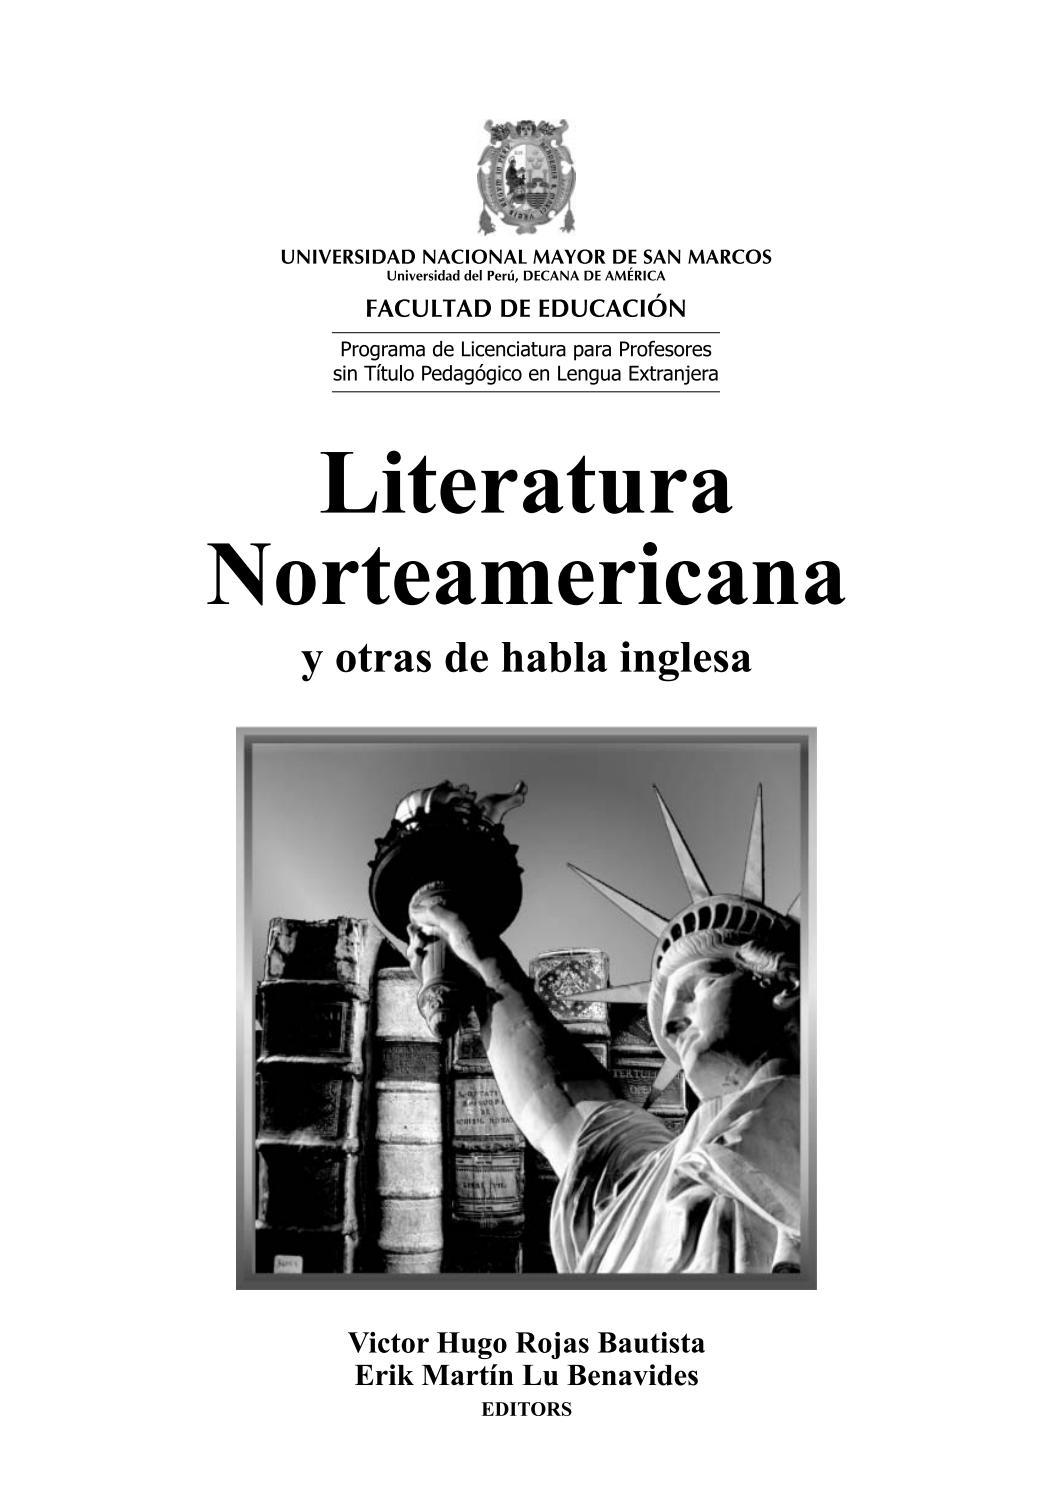 Literatura Norteamericana Y Otras De Habla Inglesa By Unmsm Prolex Issuu